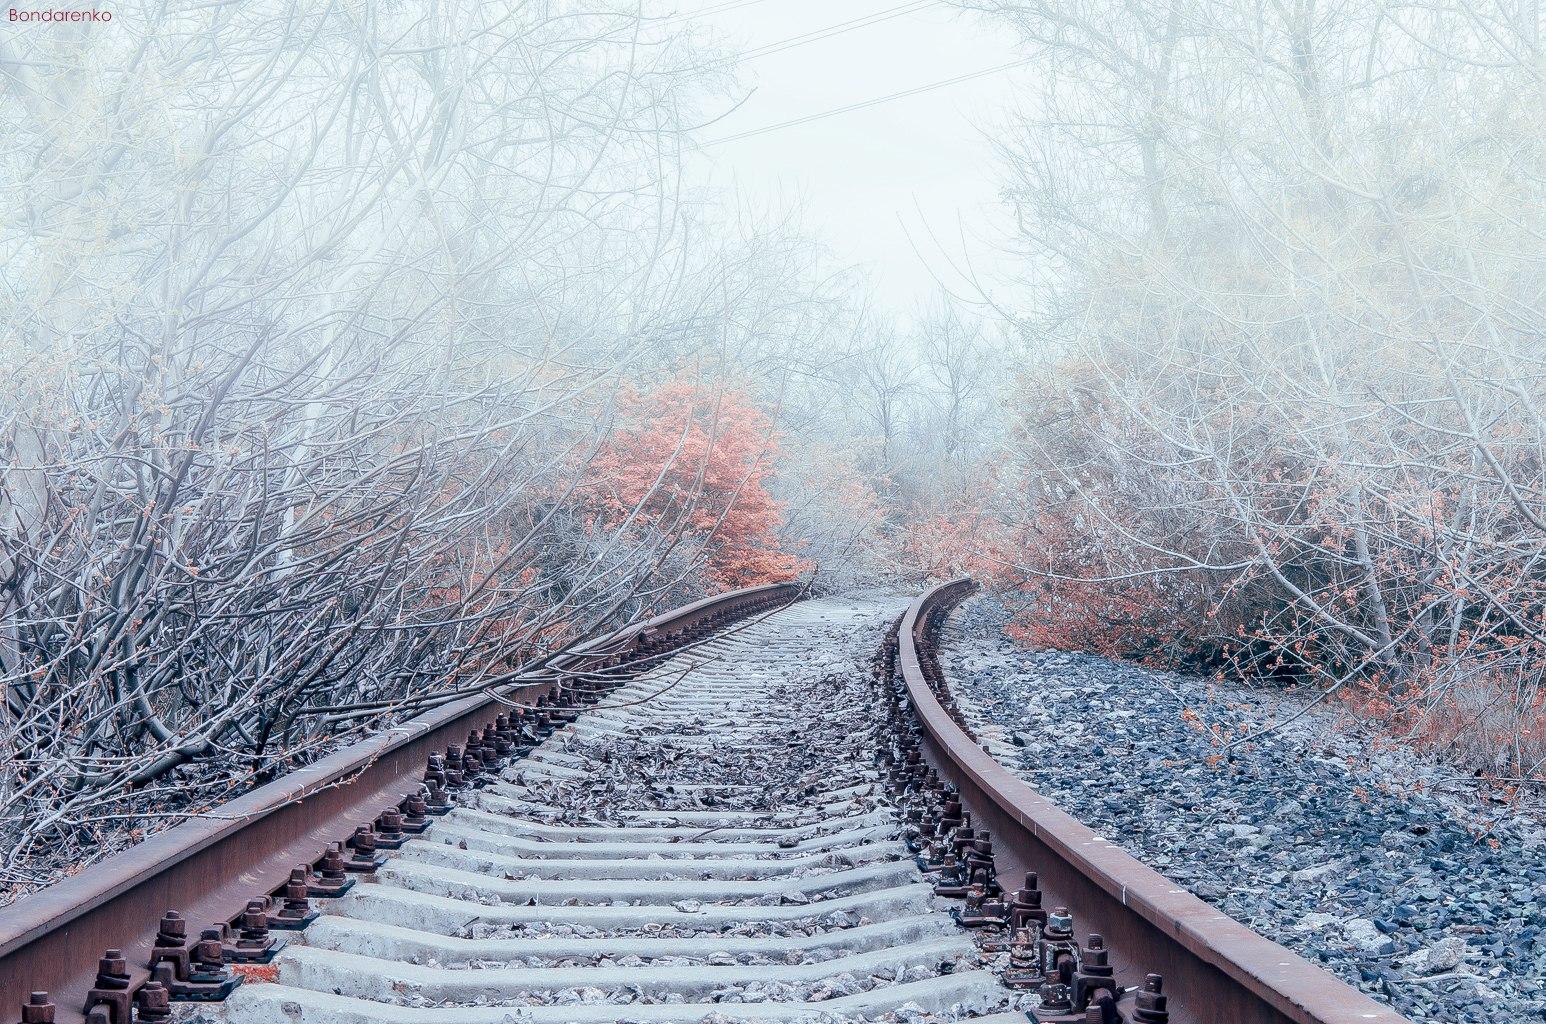 отказаться употребления железная дорога картинки зимняя главной героини съемки